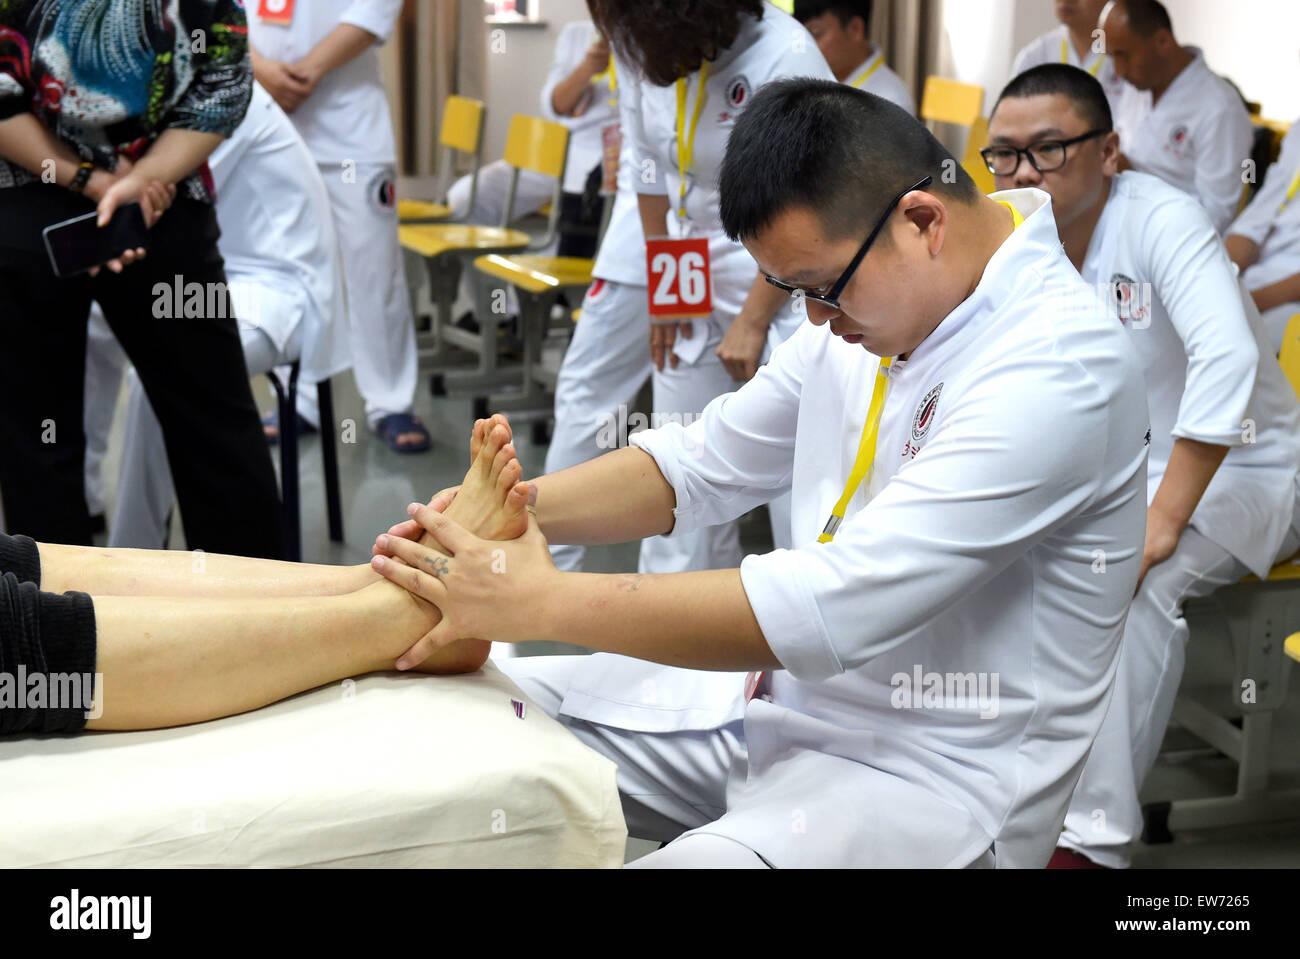 Nanjing, China's Jiangsu Province. 18th June, 2015. A foot masseur takes  part